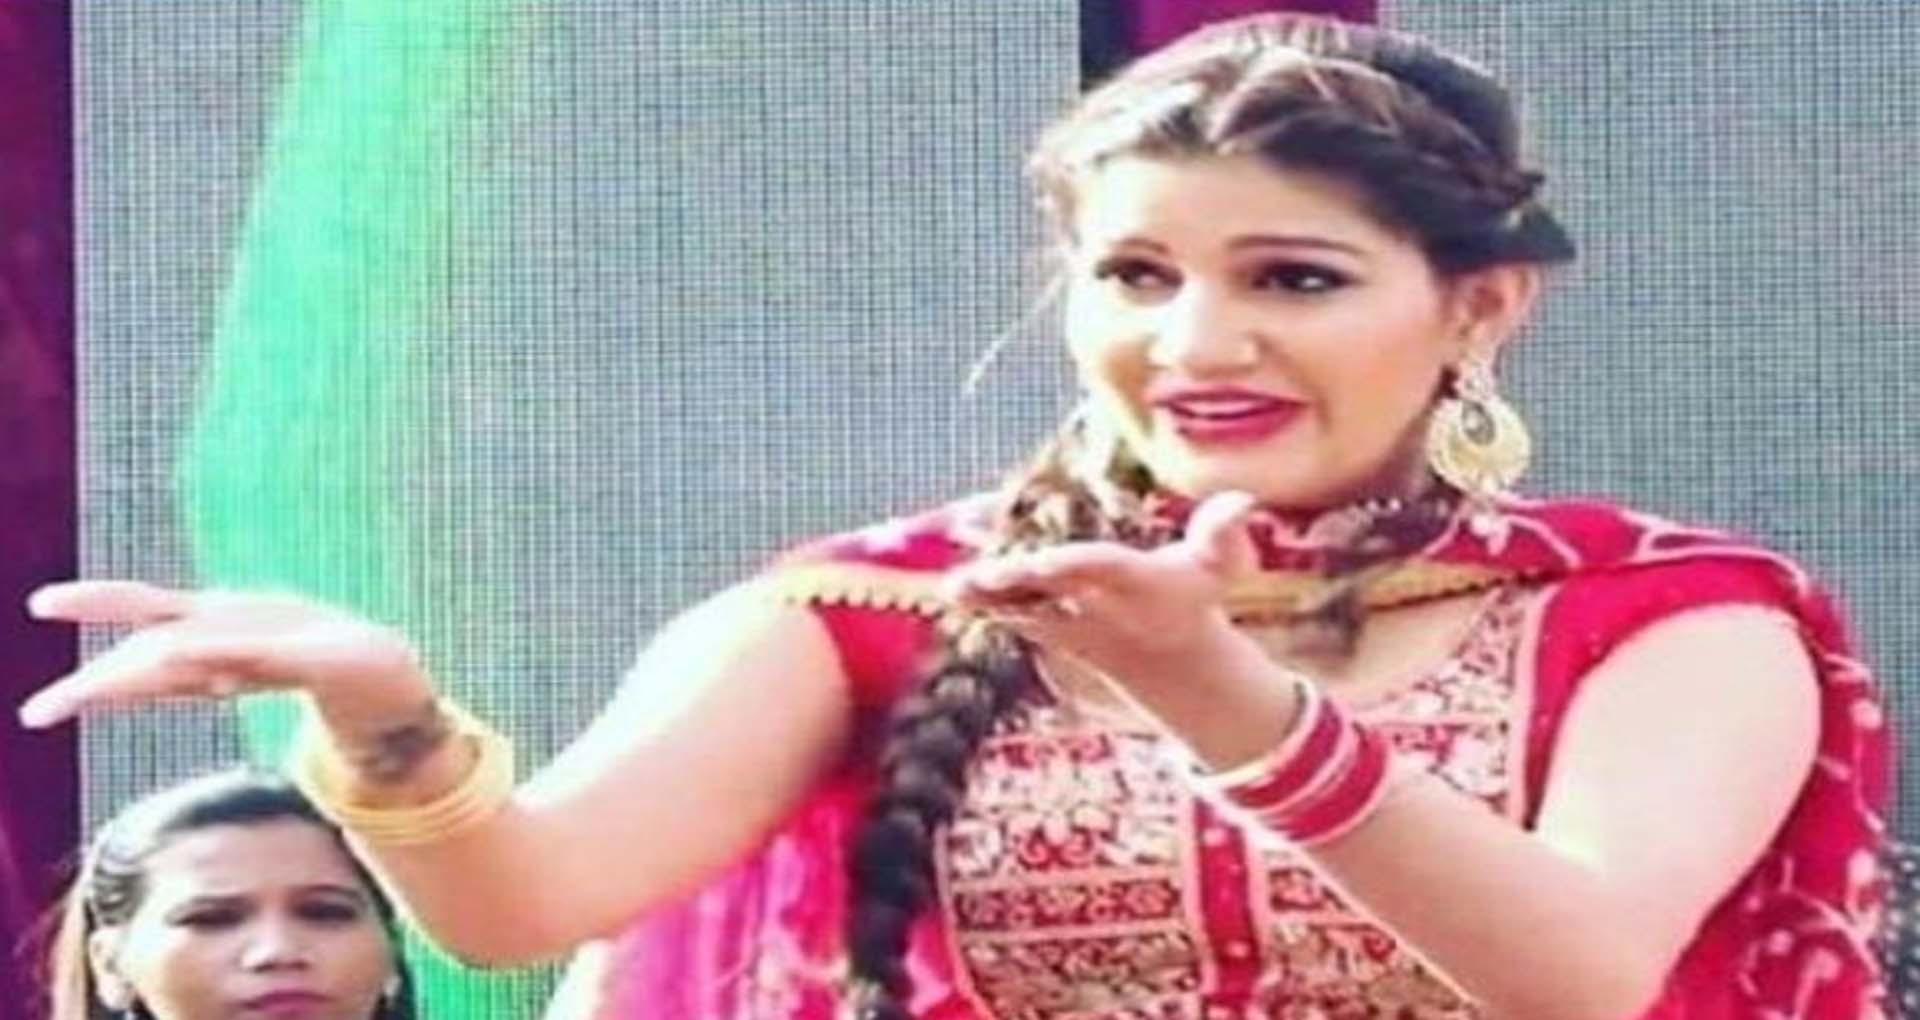 Sapna Choudhary Video: सपना चौधरी के गाने 'भरतार' इंटरनेट पर मचाई धूम! देखें वीडियो